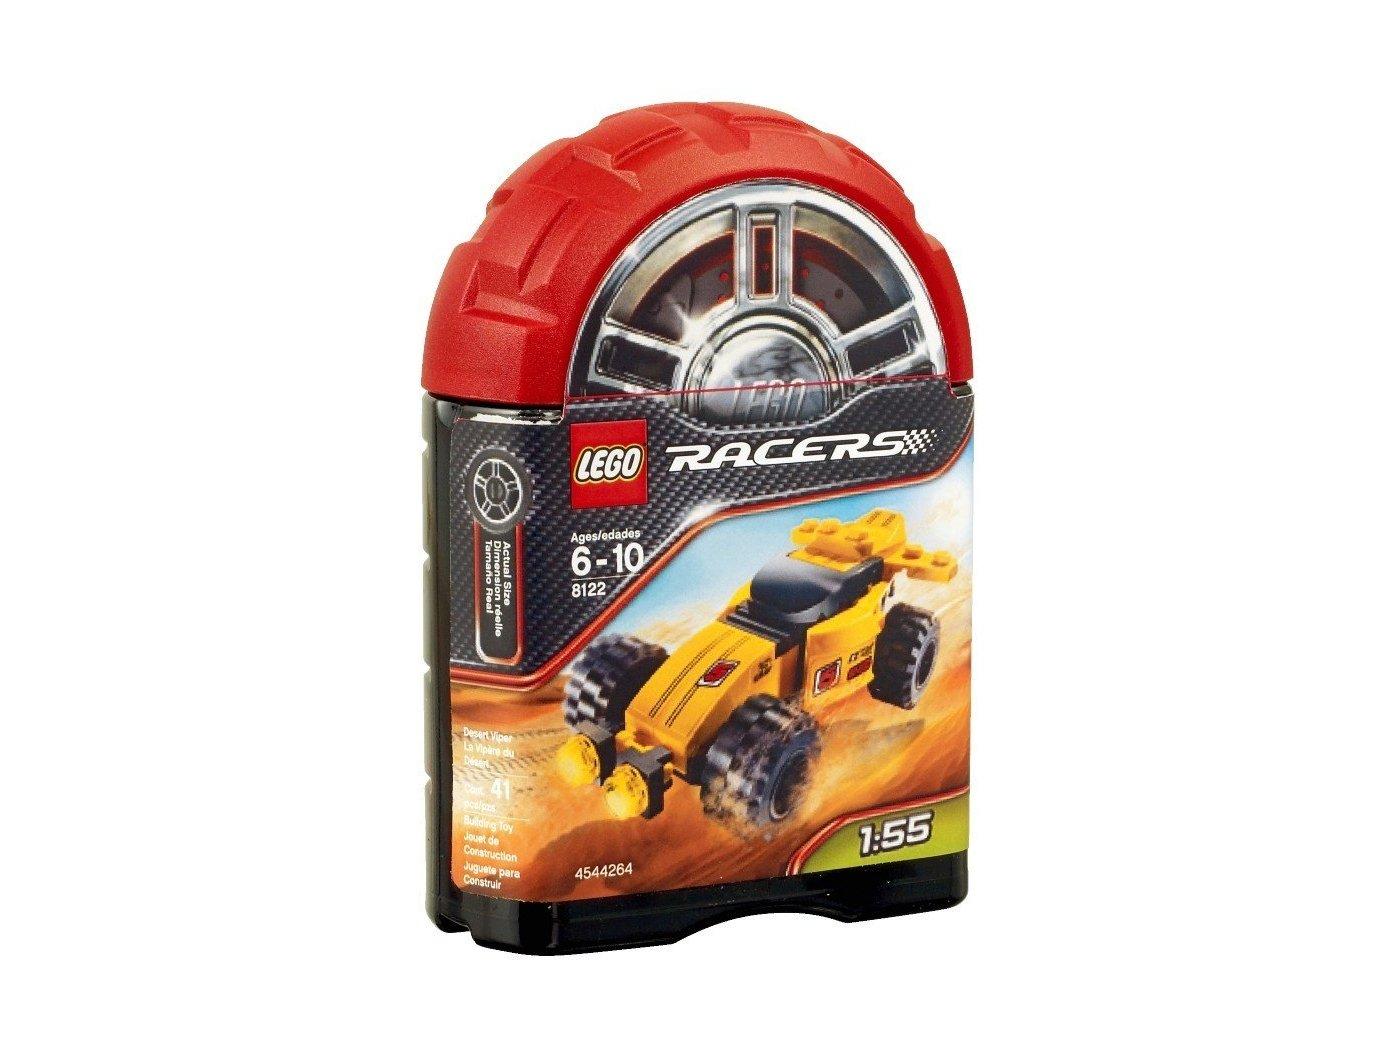 LEGO 8122 Racers Desert Viper